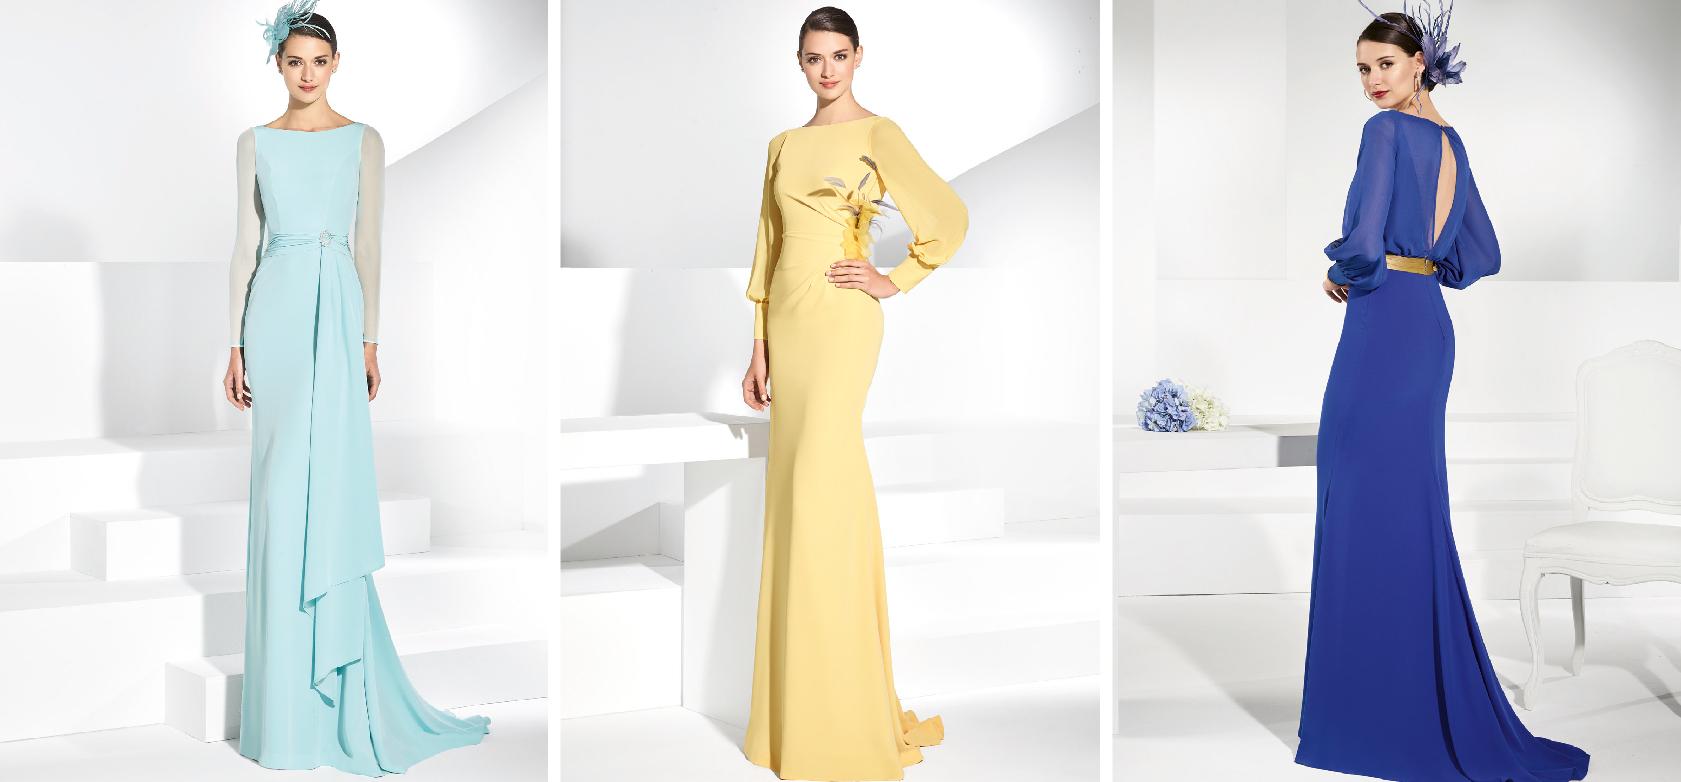 Imagenes de vestidos largos para fiesta de dia